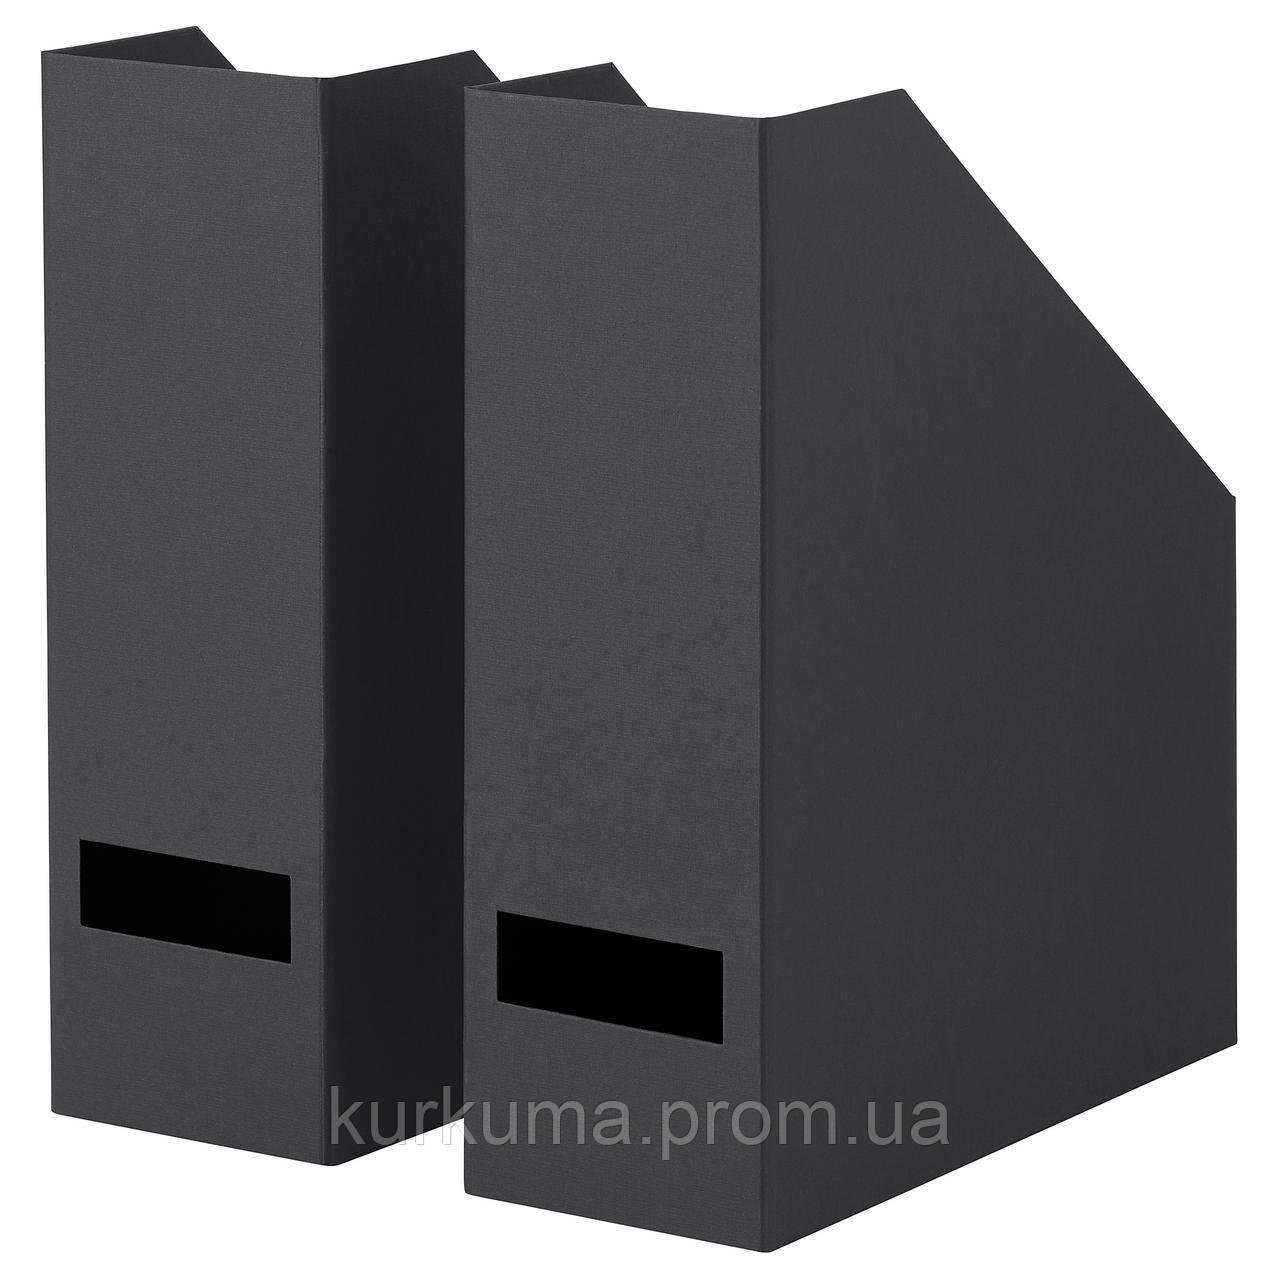 IKEA TJENA Подставка для журналов, Черное  (003.954.74)